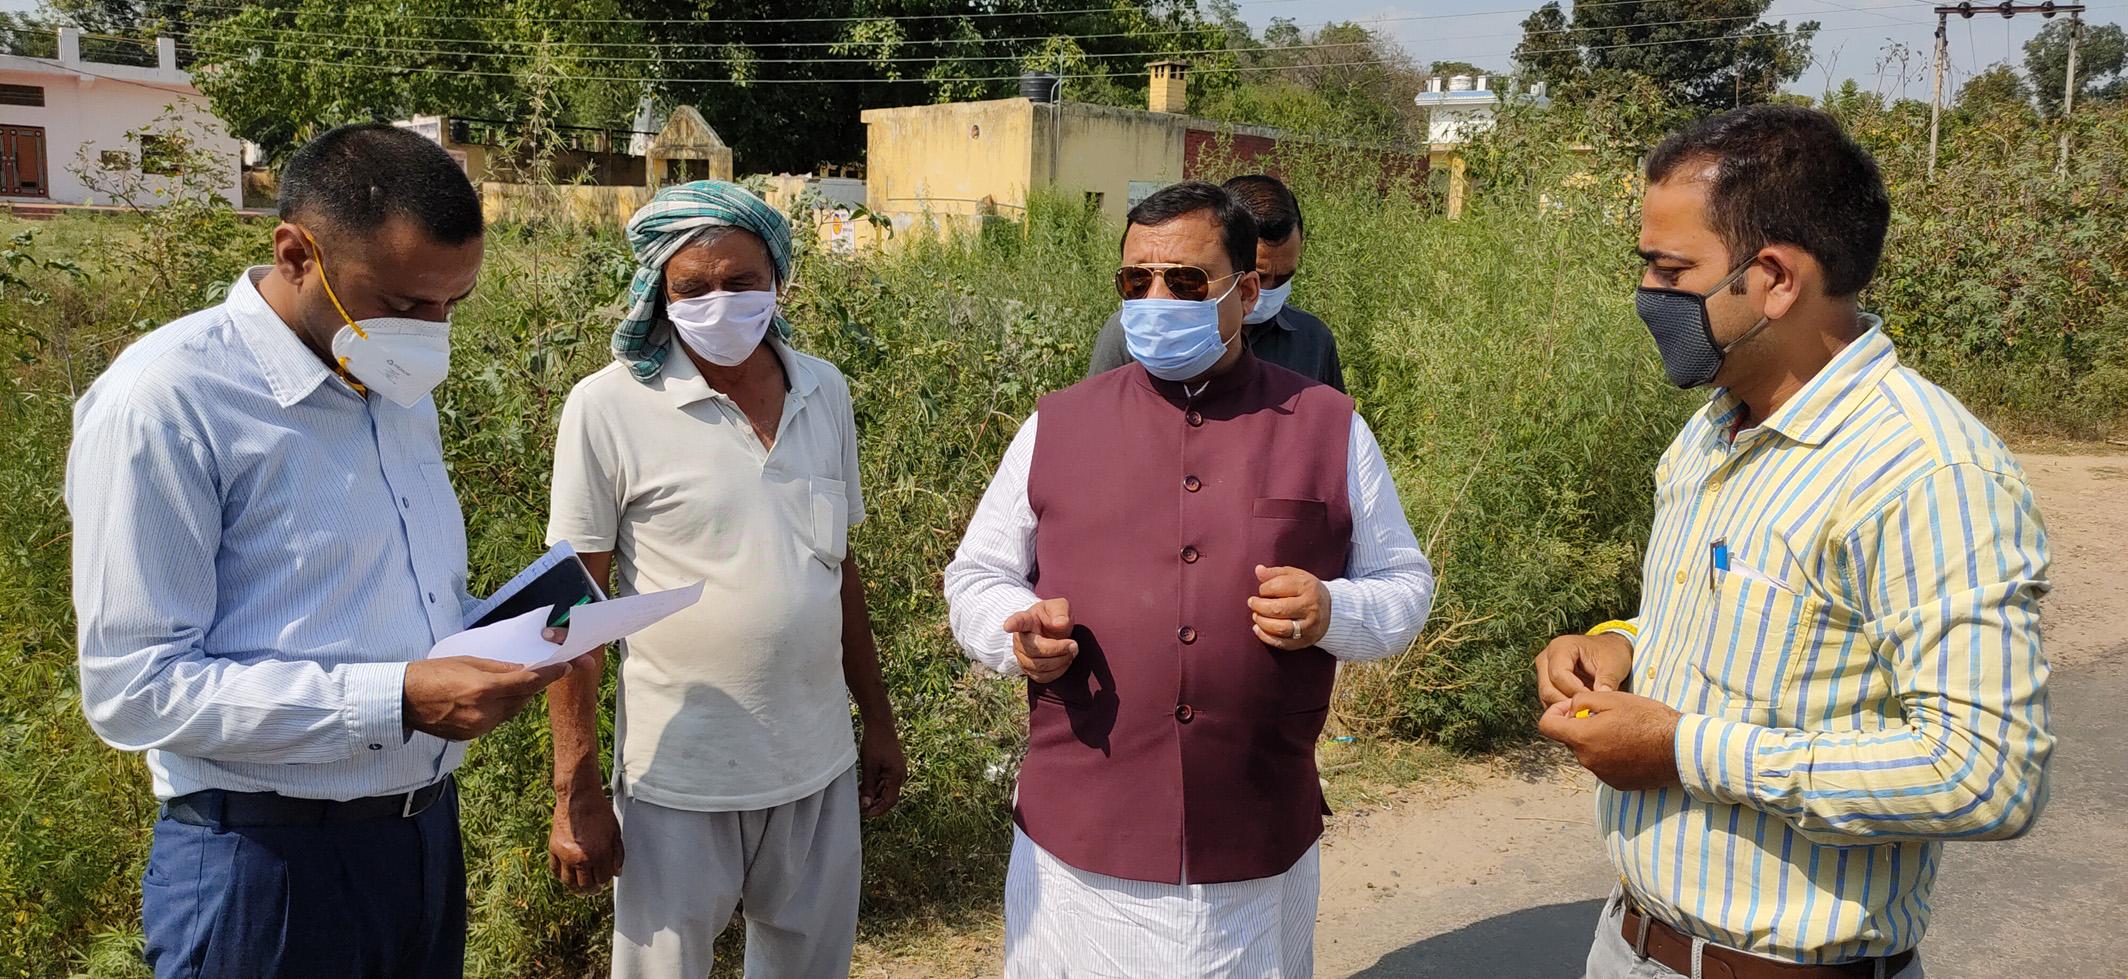 ग्रामीण विकास मंत्री वीरेंद्र कंवर ने कुटलैहड़ में विकास कार्यों पर अधिकारियों के साथ की समीक्षा